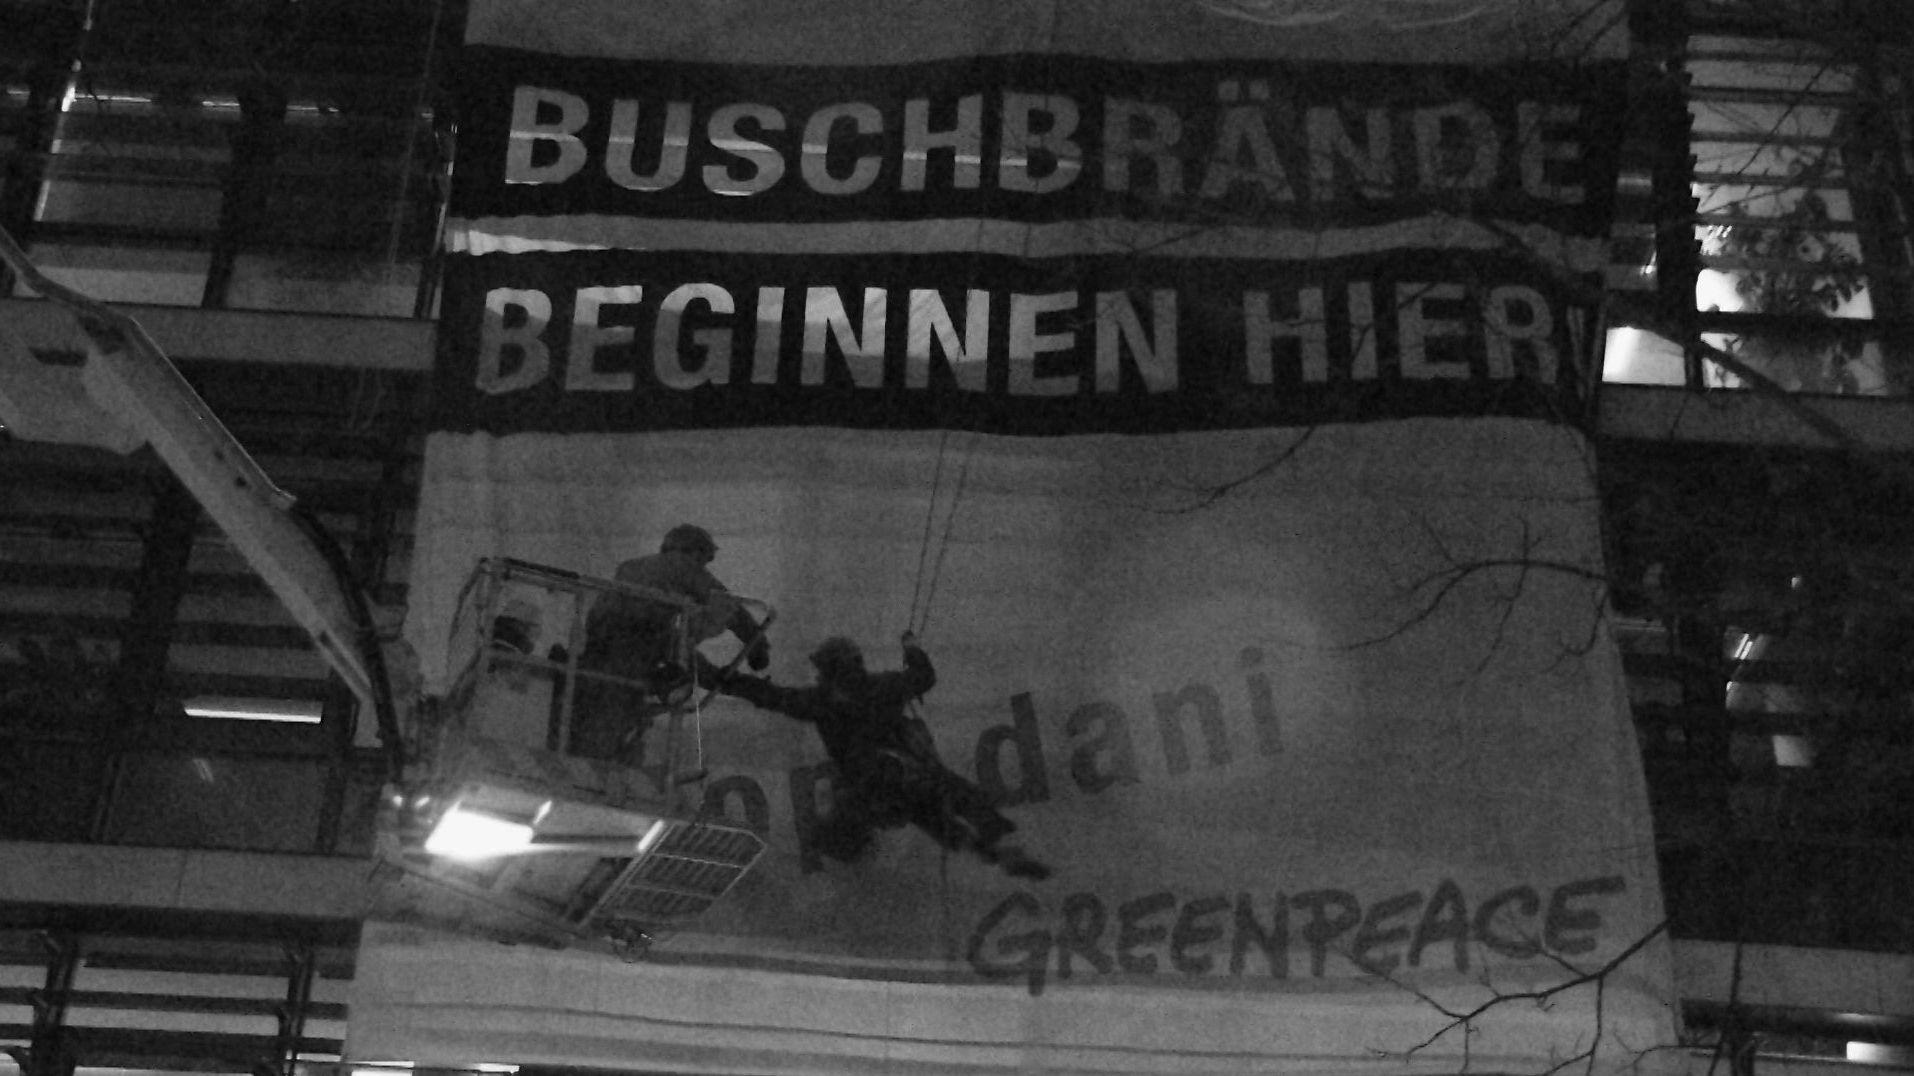 """An der Siemens-Konzernzentrale brachten Aktivisten von Greenpeace ein Transparent mit der Aufschrift """"Buschbrände beginnen hier"""" an."""